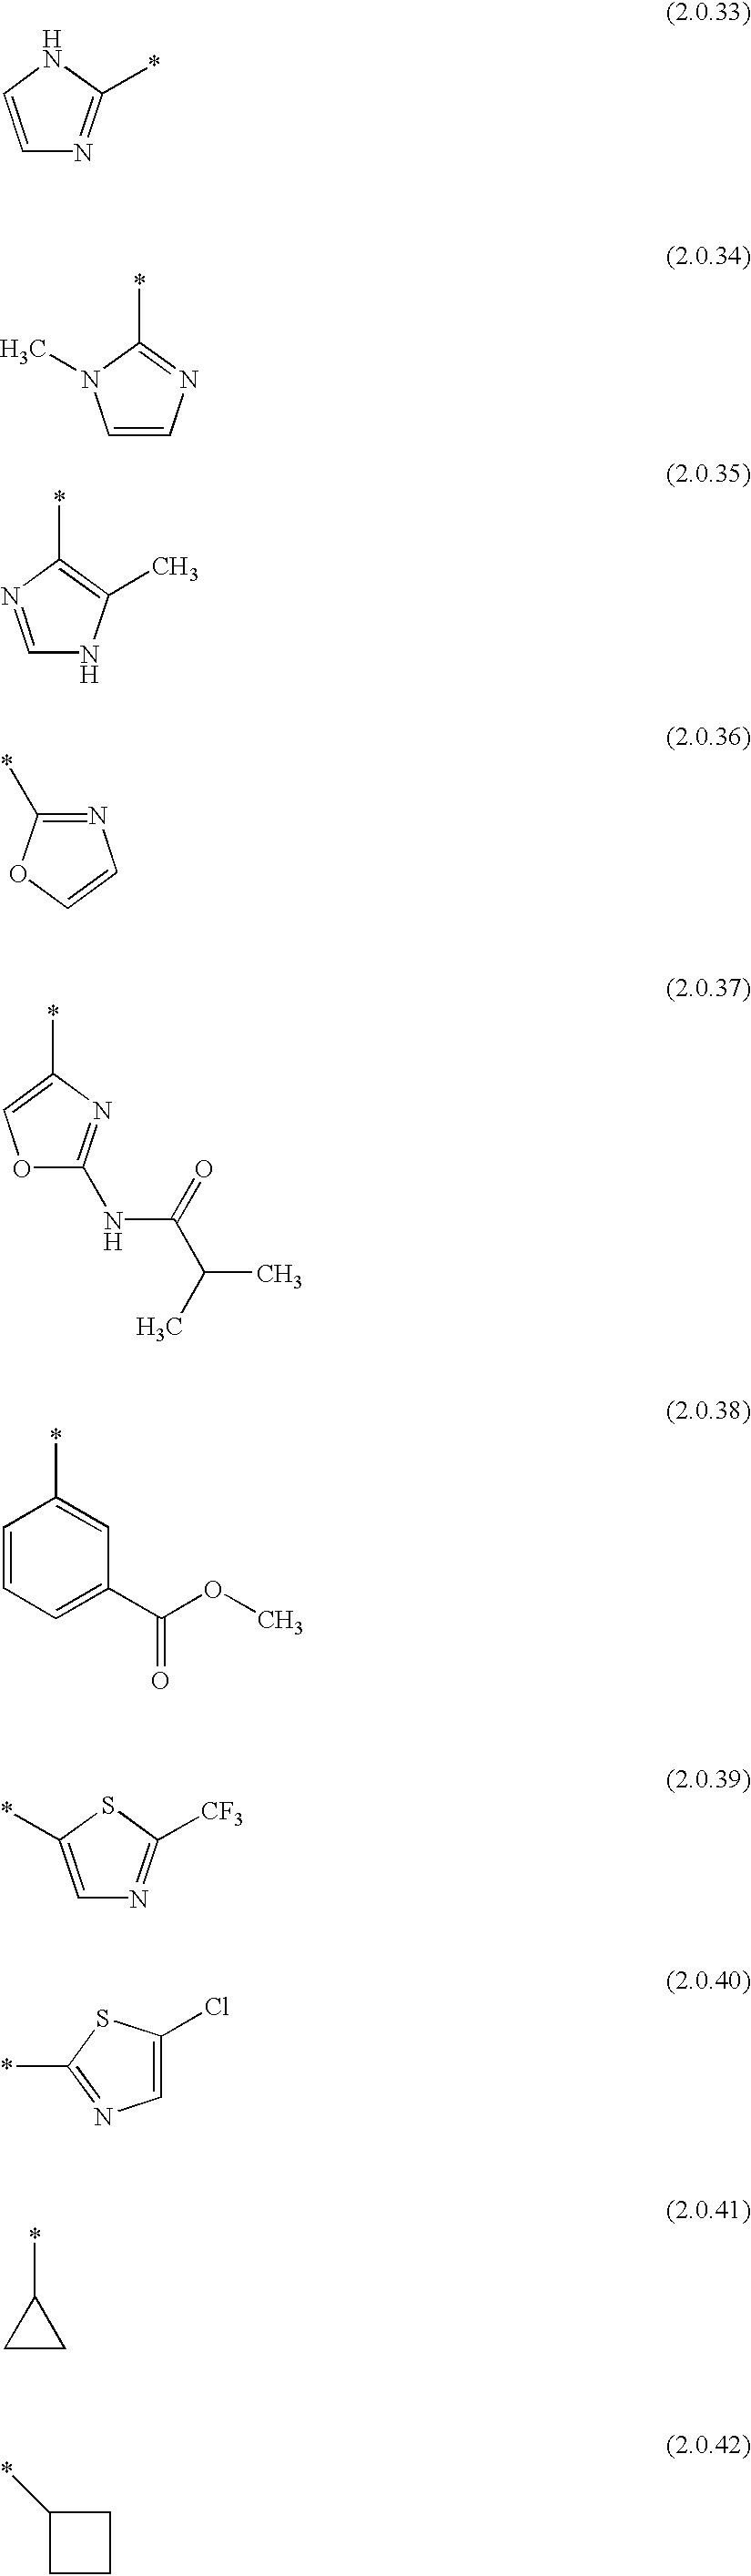 Figure US20030186974A1-20031002-C00112